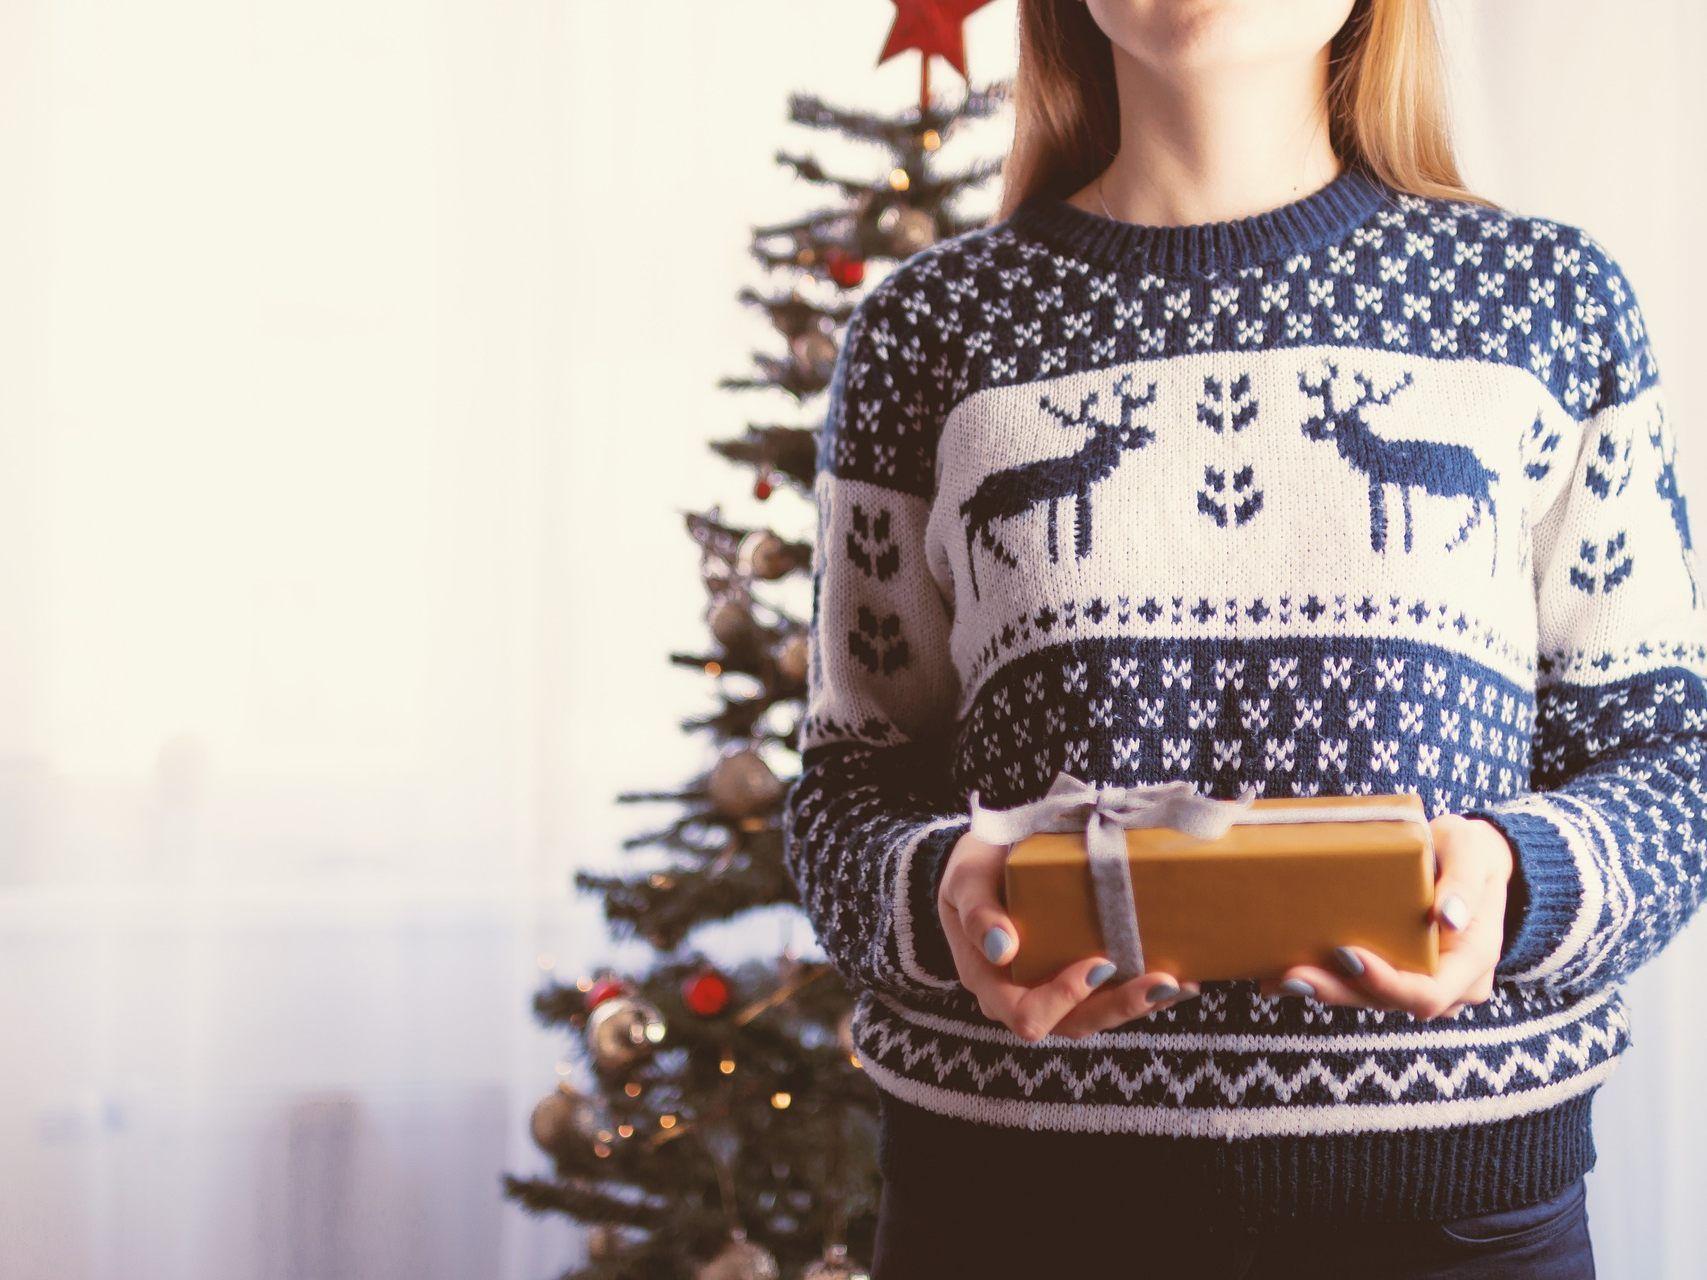 Vor Weihnachtswünsche.österreich Das Sind Die Weihnachtswünsche 2018 österreich Vienna At